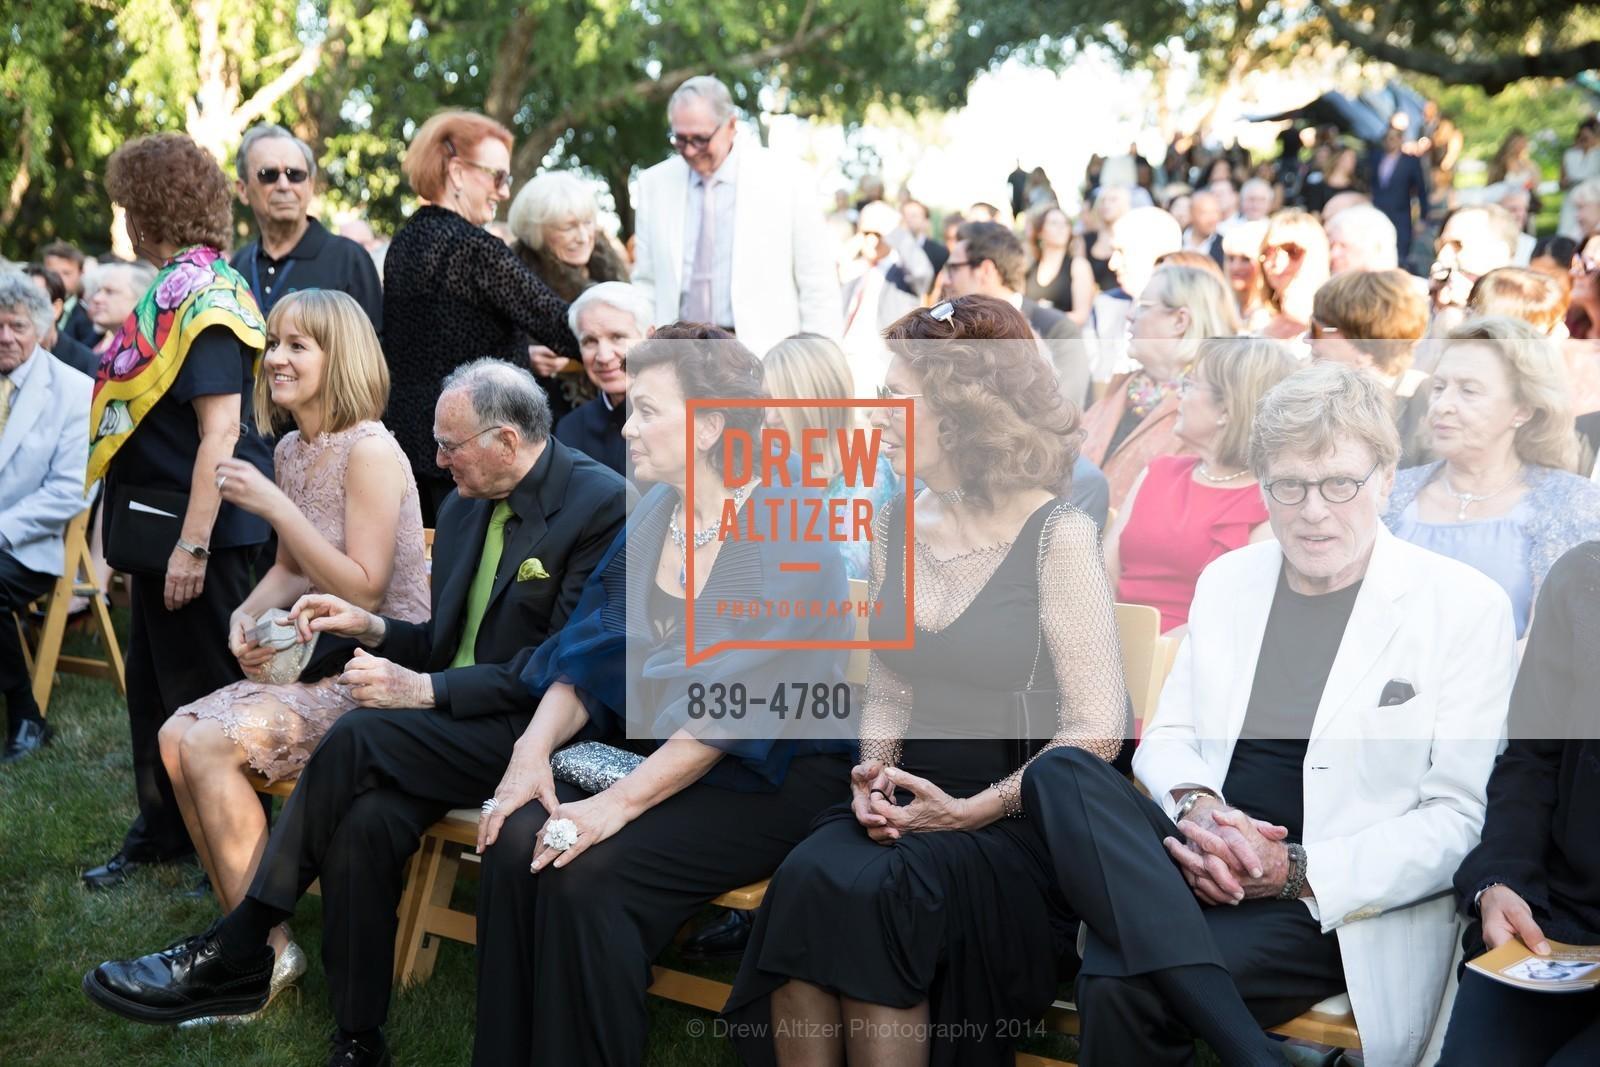 Jan Shrem, Maria Manetti Shrem, Sophia Loren, Robert Redford, Photo #839-4780